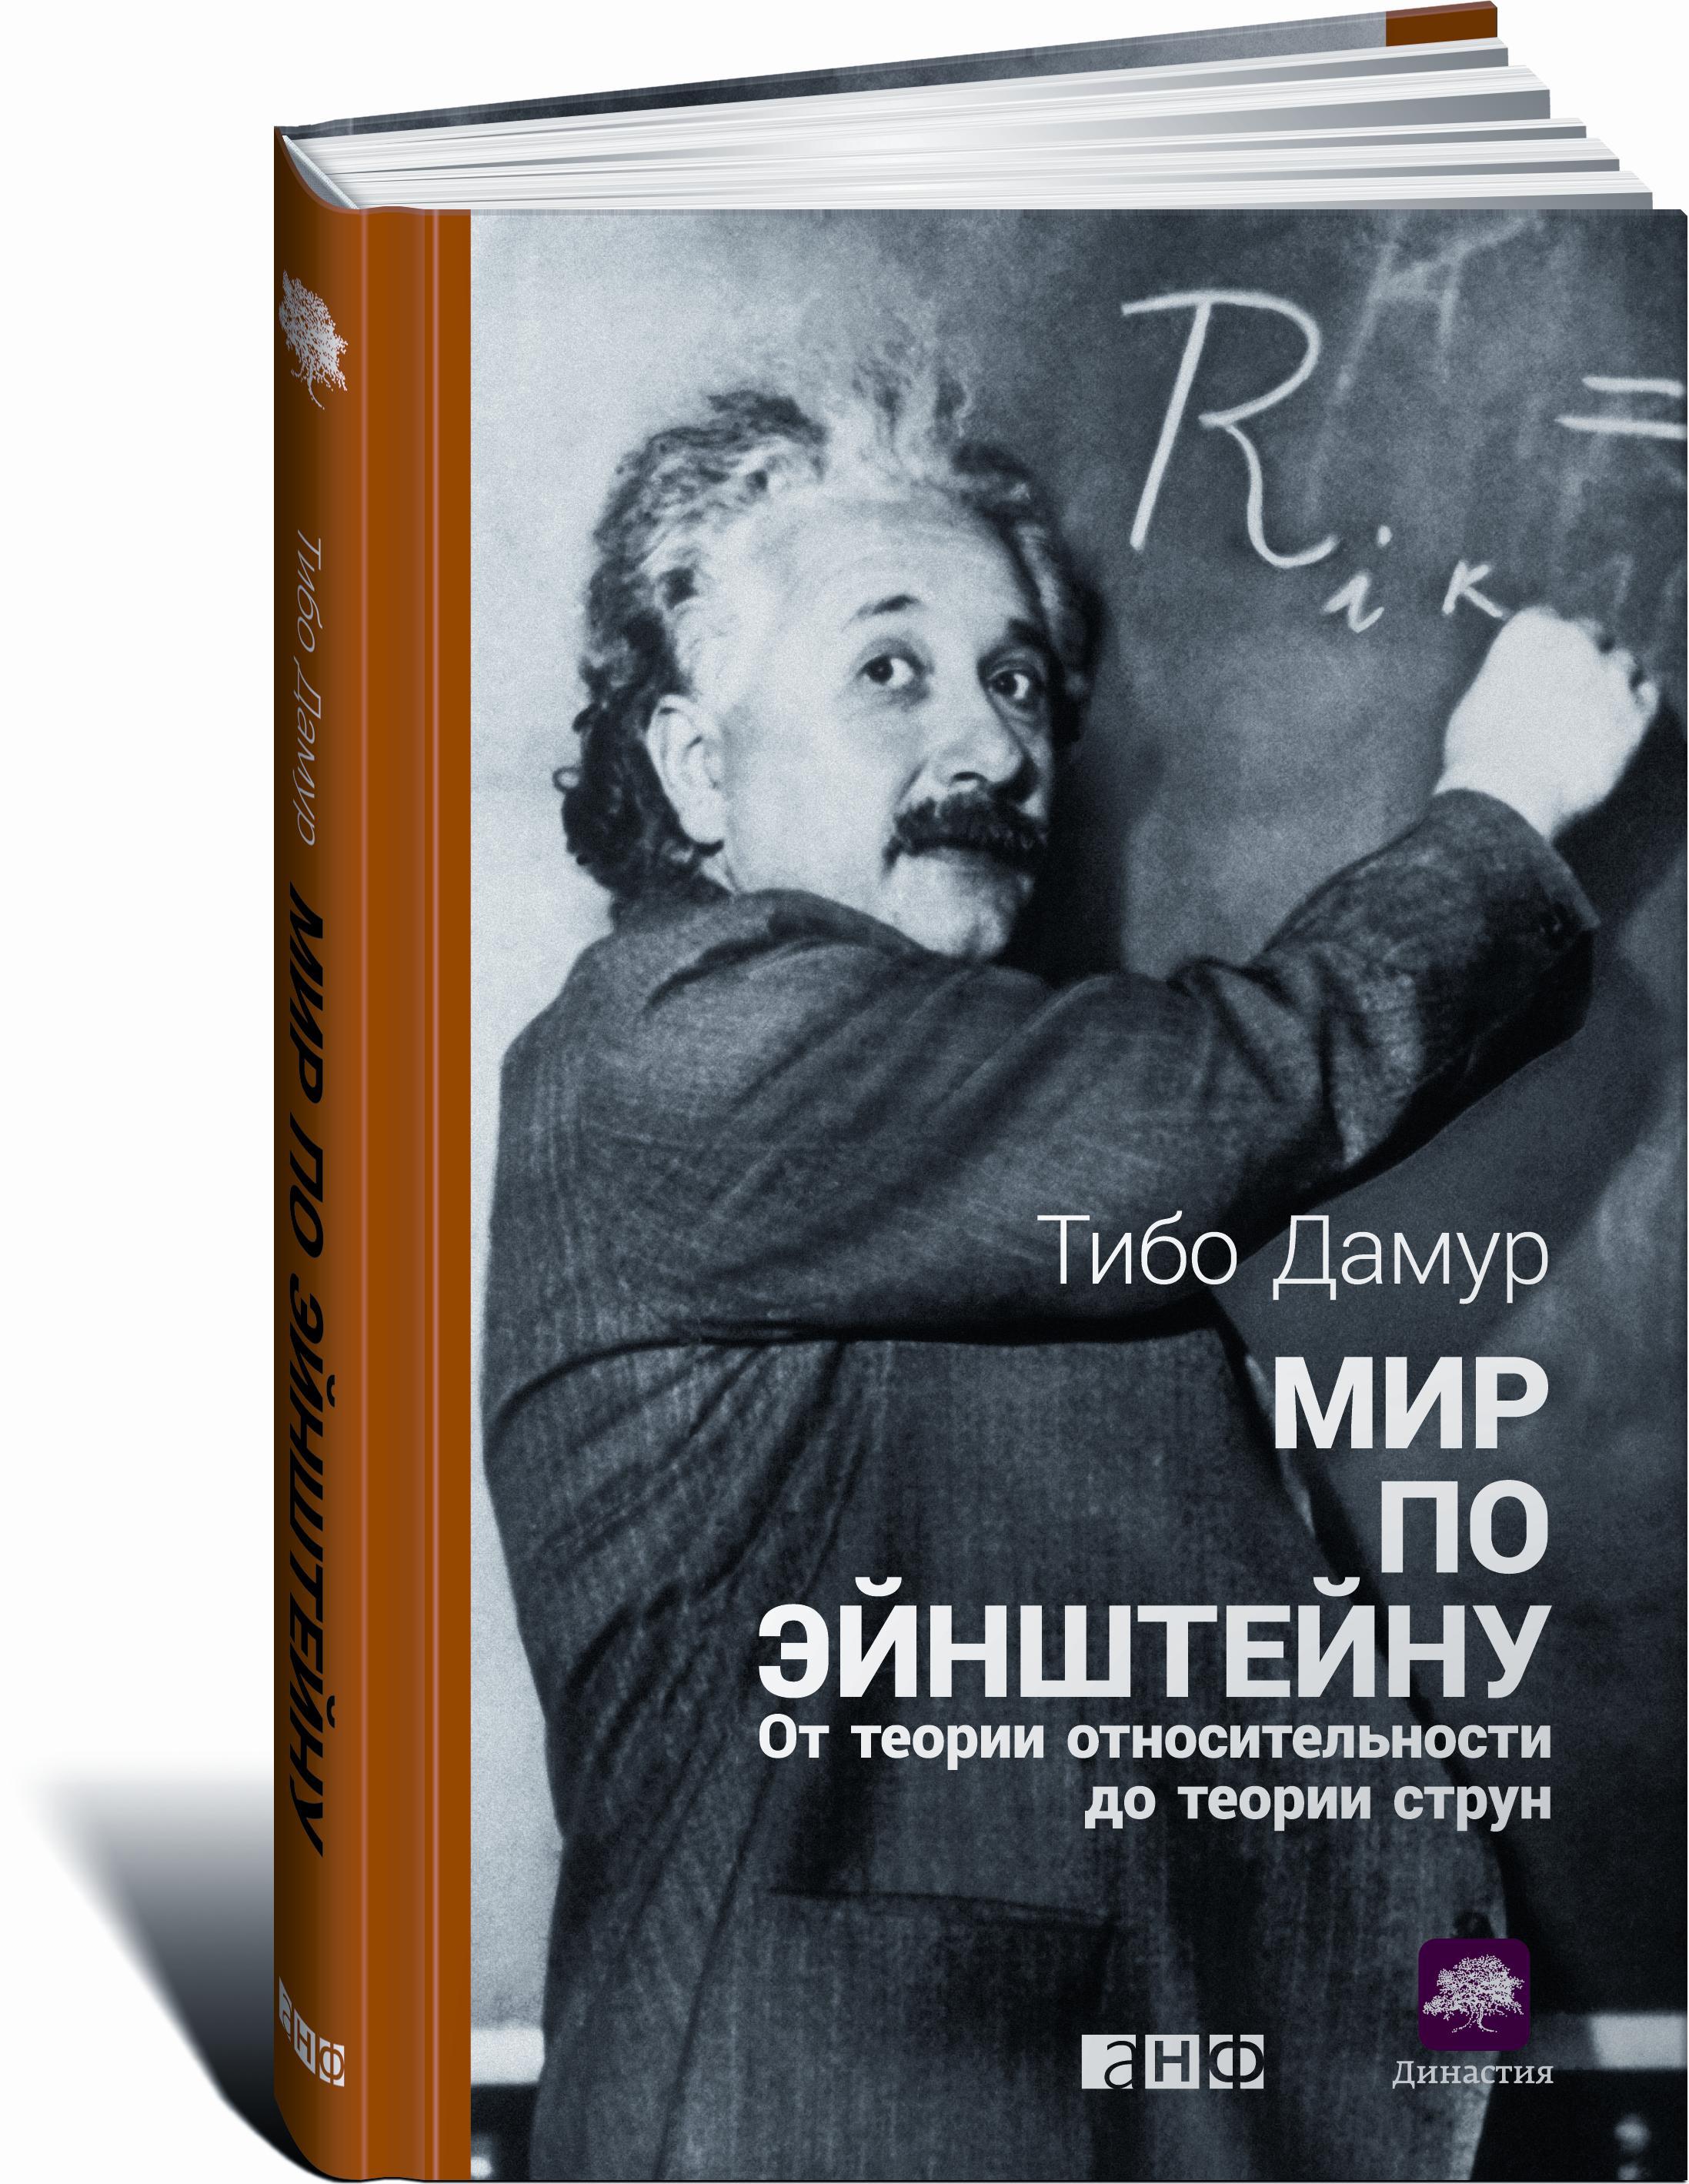 купить Тибо Дамур Мир по Эйнштейну. От теории относительности до теории струн по цене 371 рублей